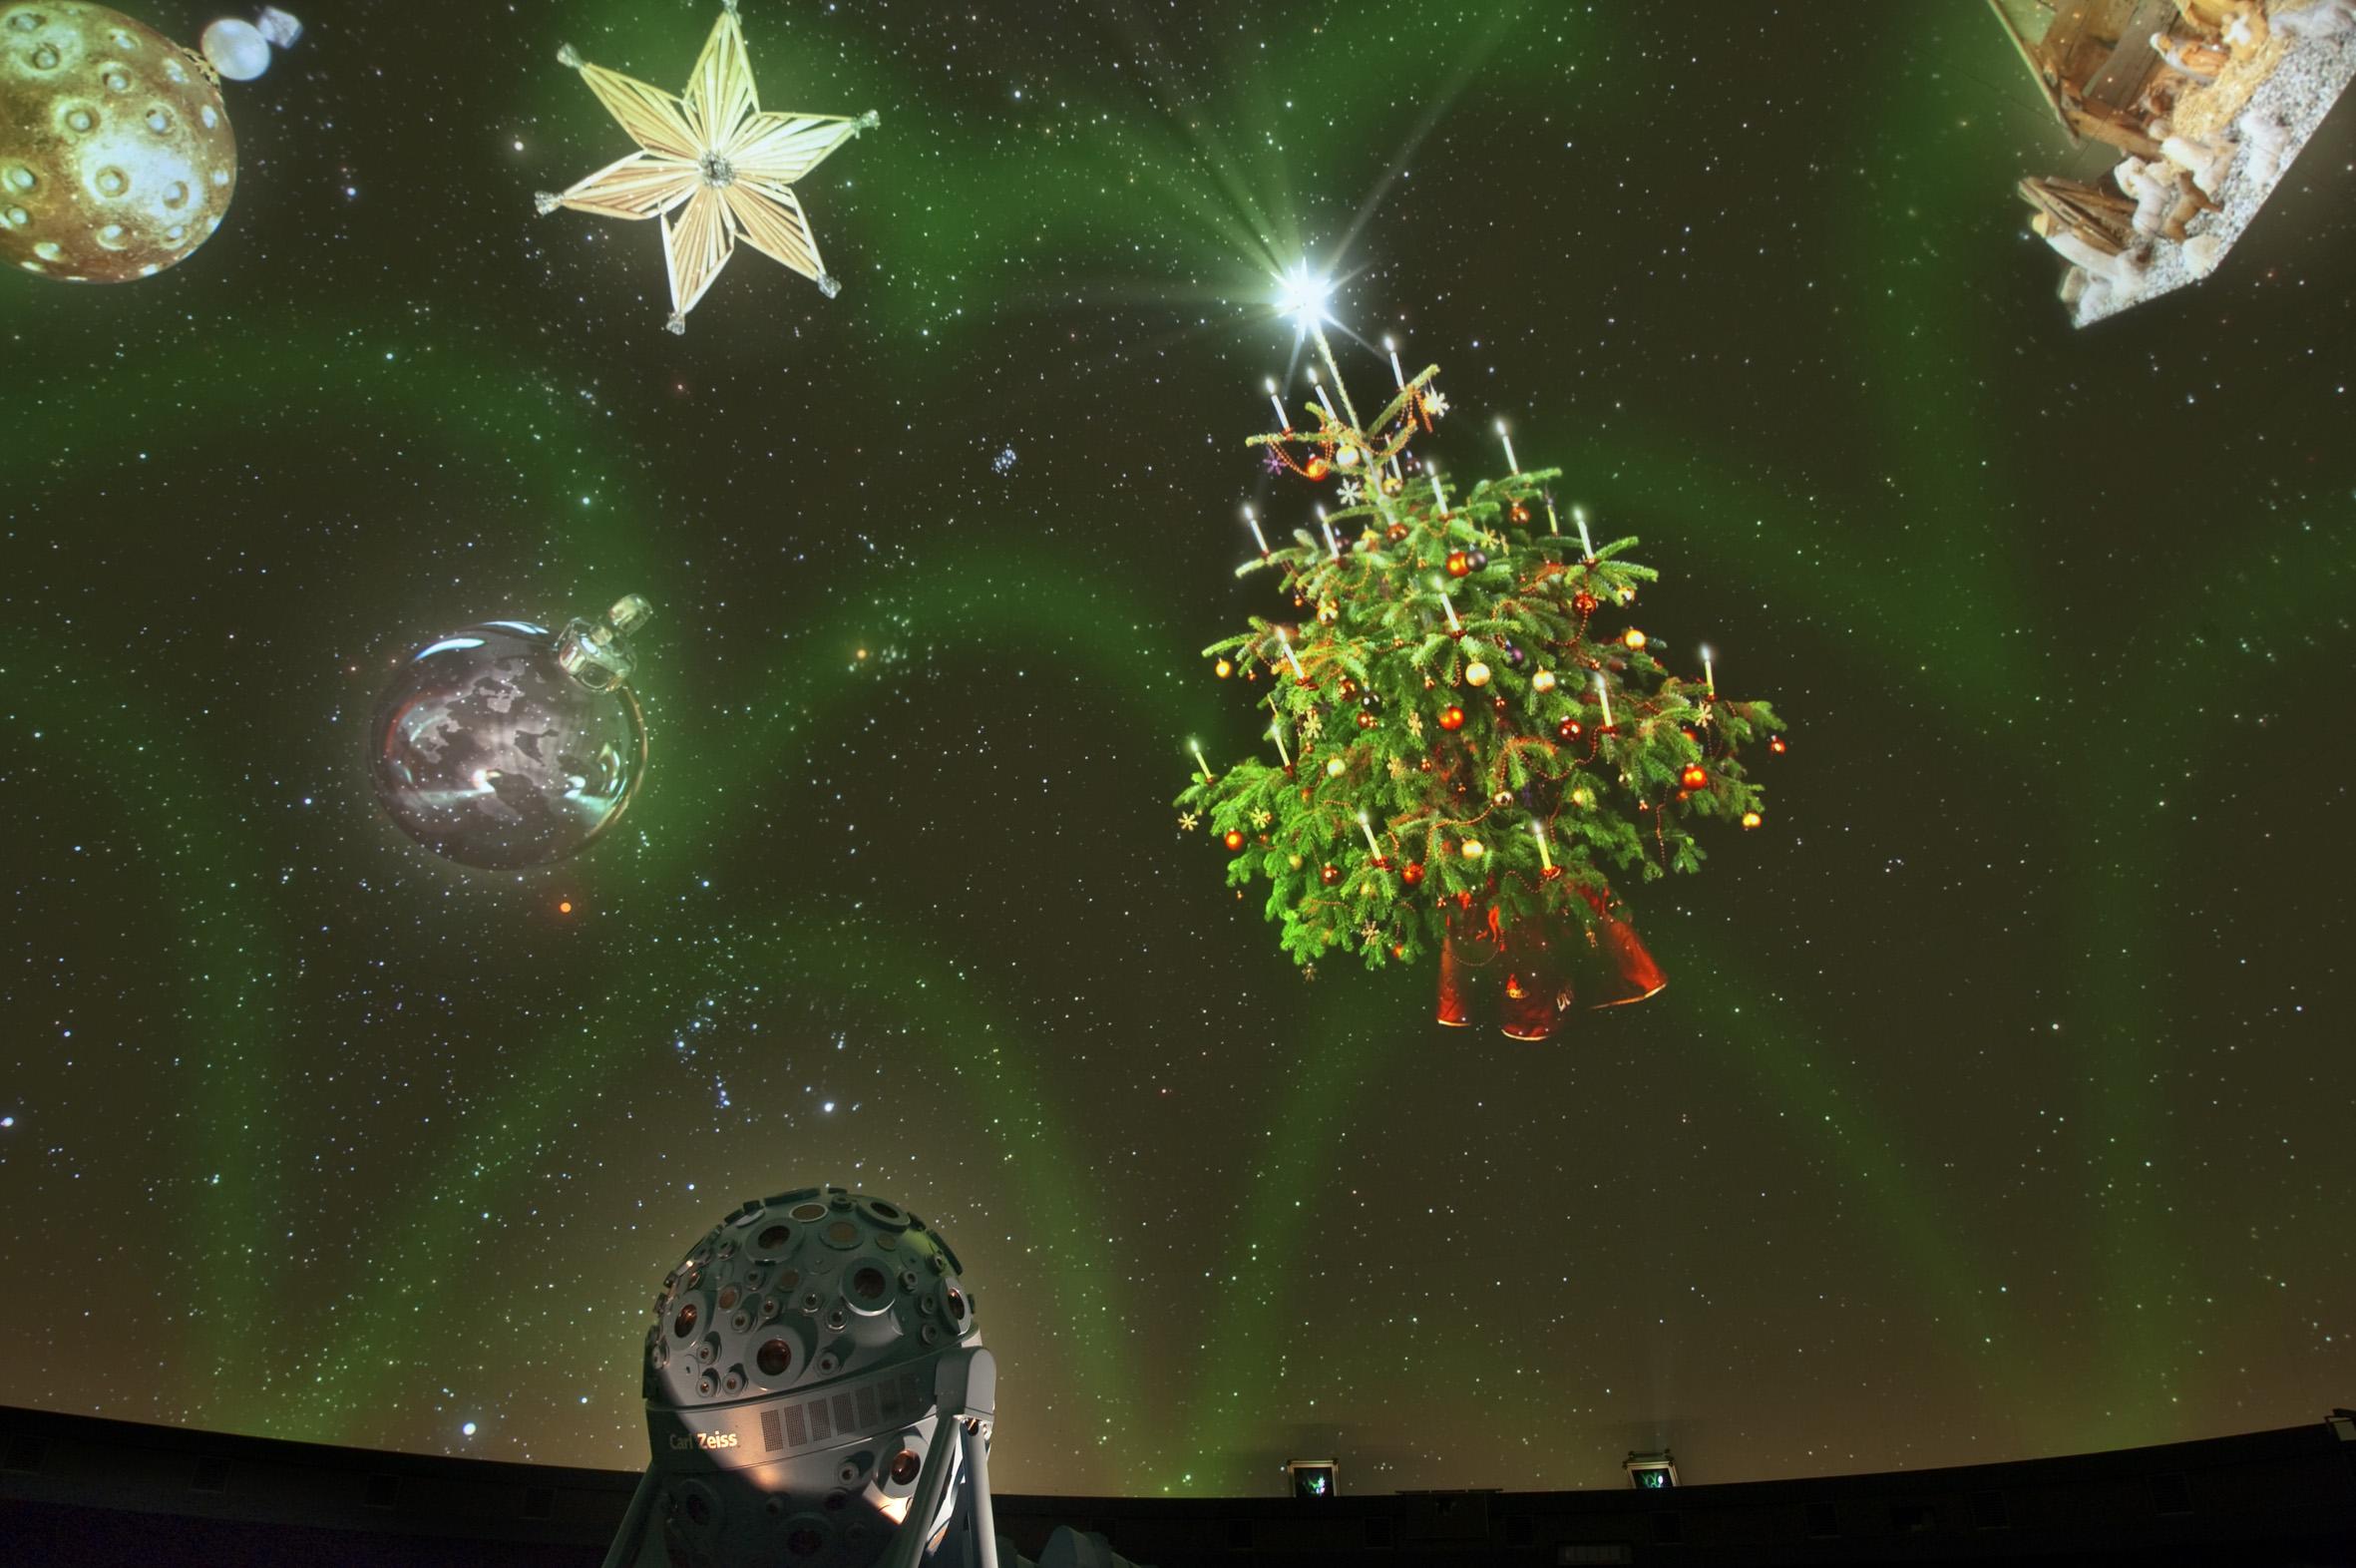 Bilddatei: Sternenglanz(c)oblonczyk,LWL.jpg